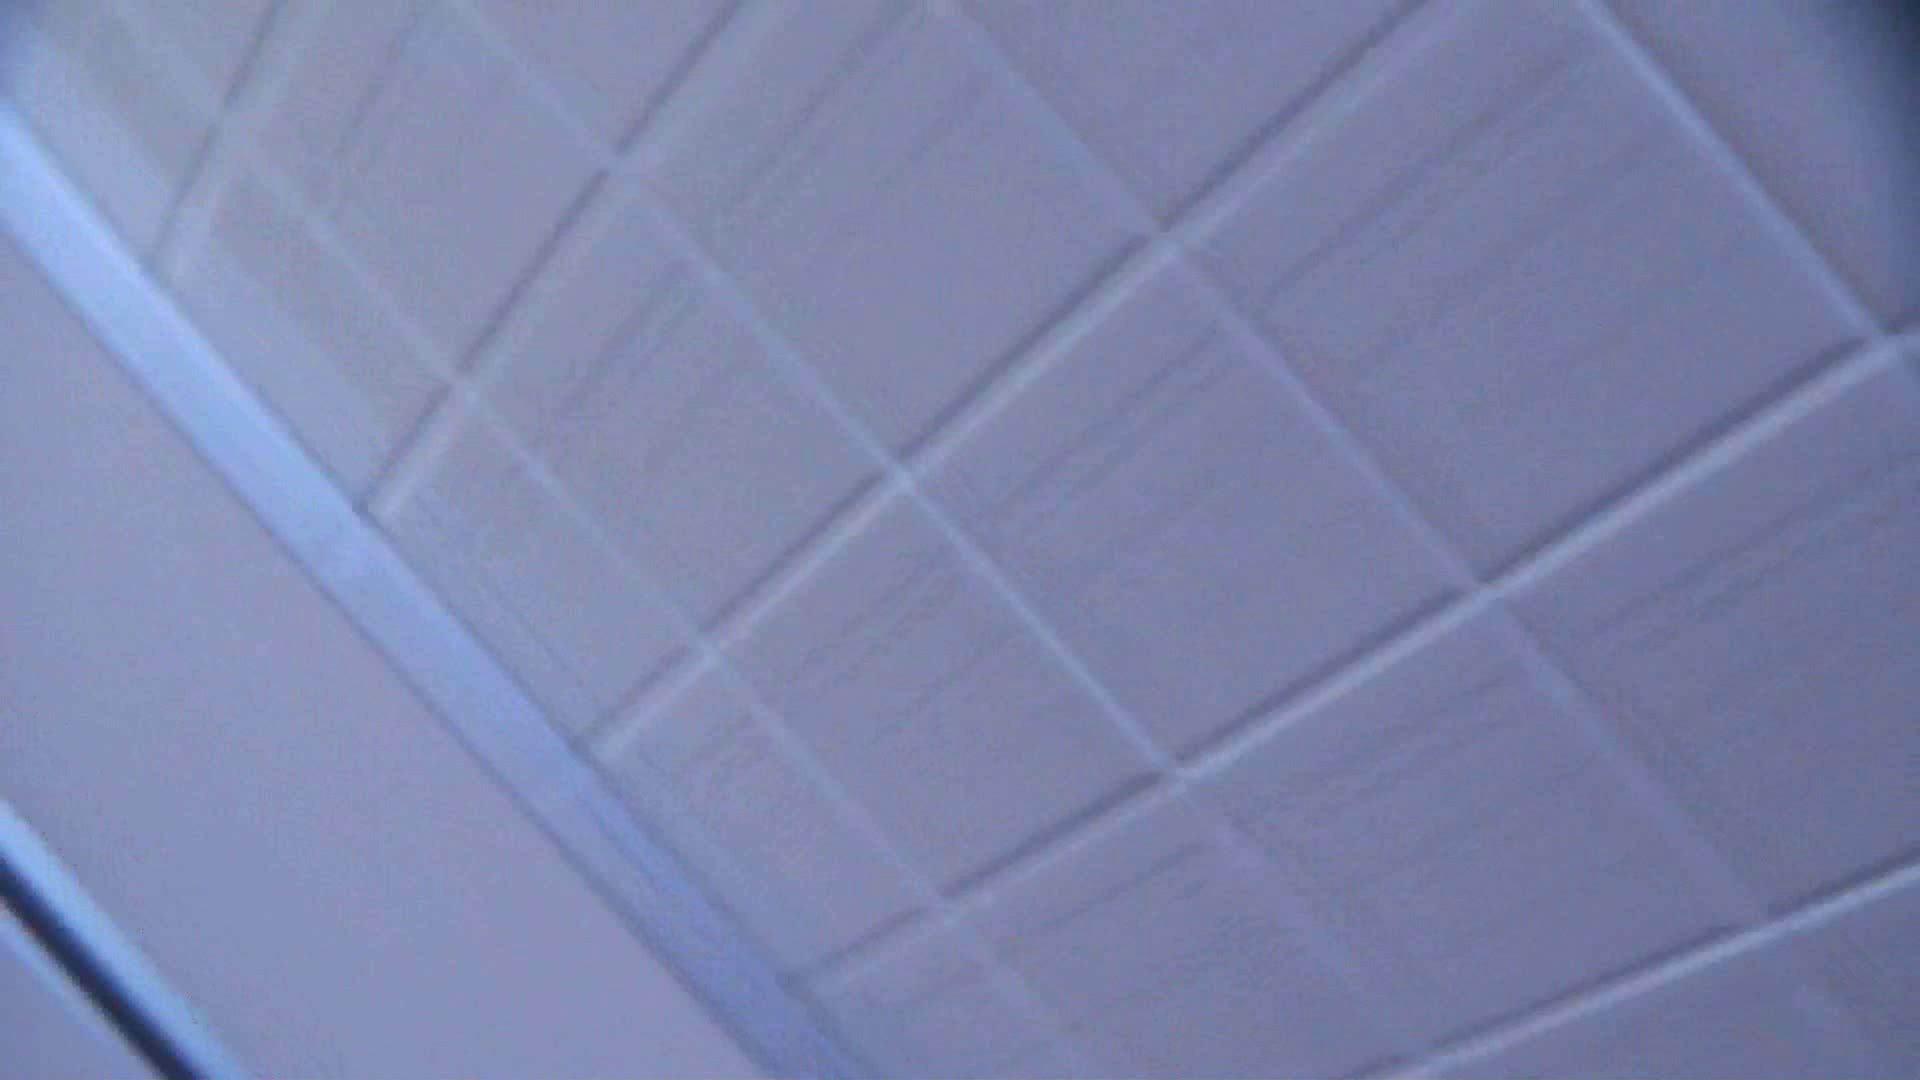 vol.01 命がけ潜伏洗面所! 活きの良いのを集めてみました。 洗面所 | OL女体  60連発 49